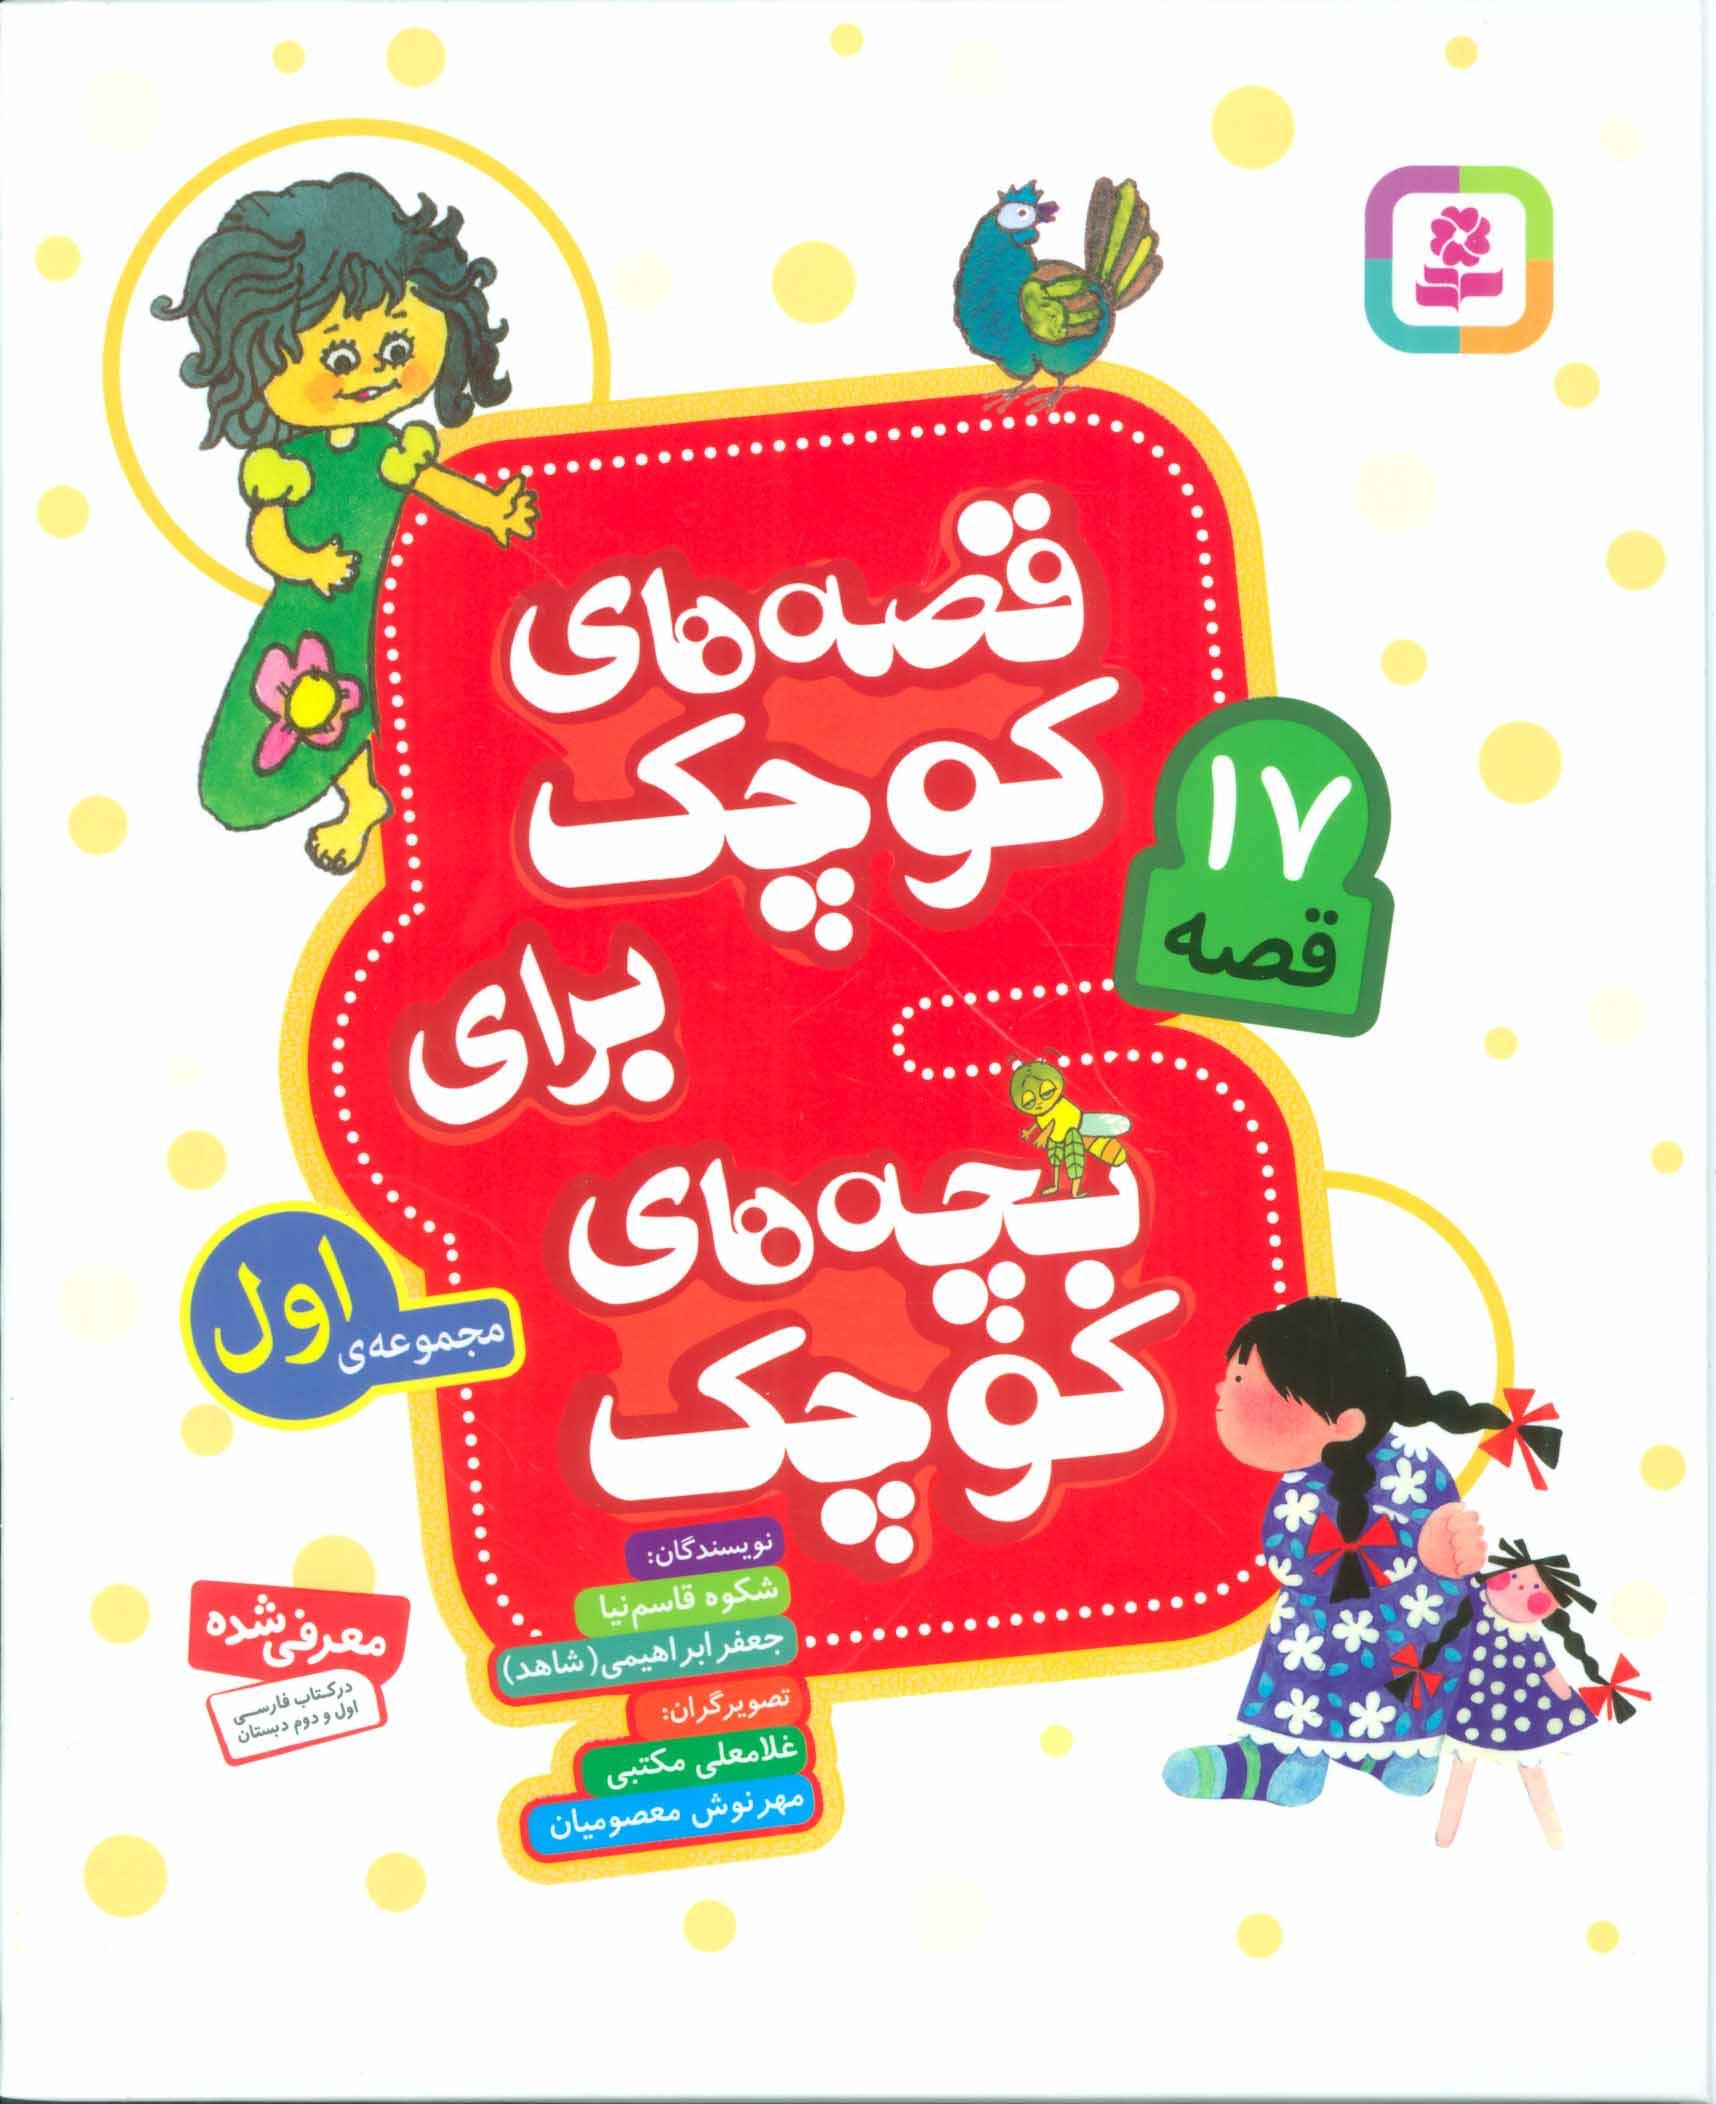 کتاب قصههای کوچک برای بچههای کوچک